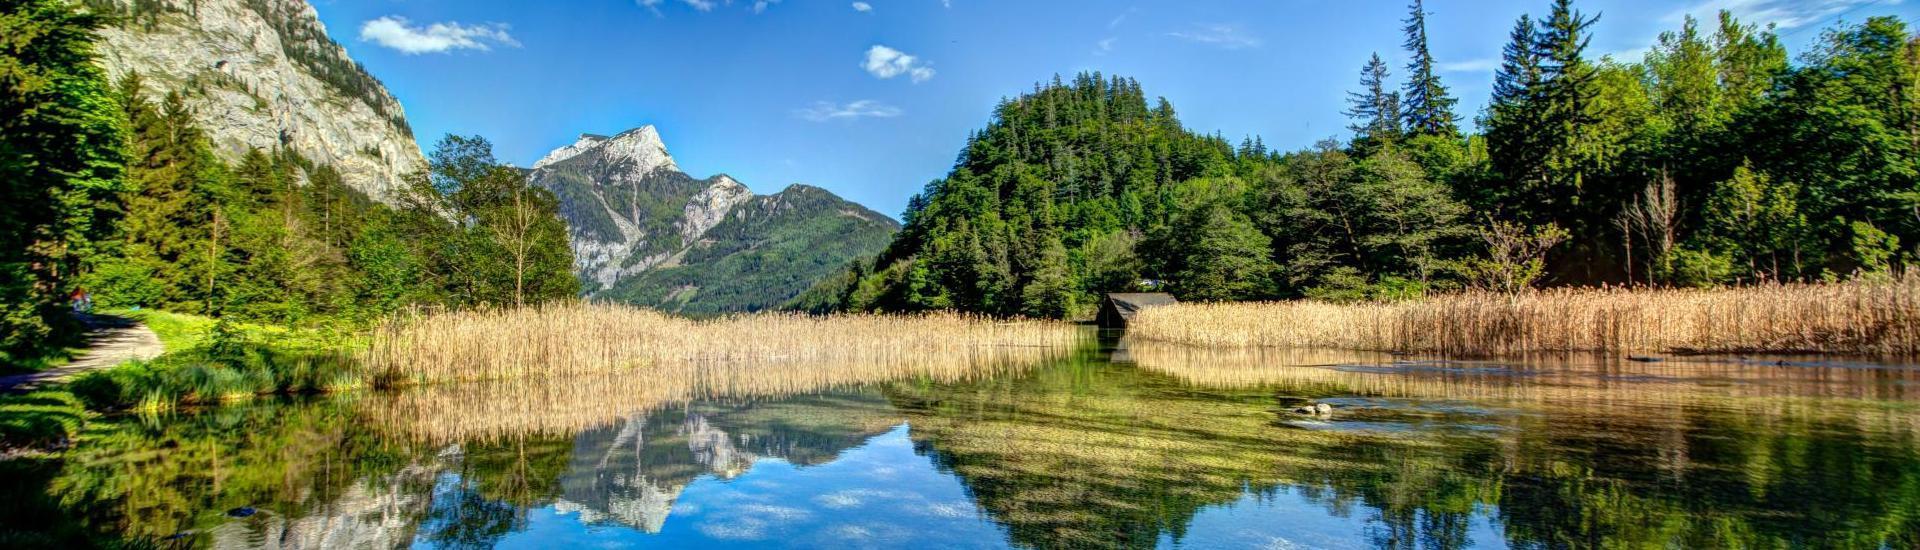 Styria: wzdłuż dolin i zamków na wzgórzach